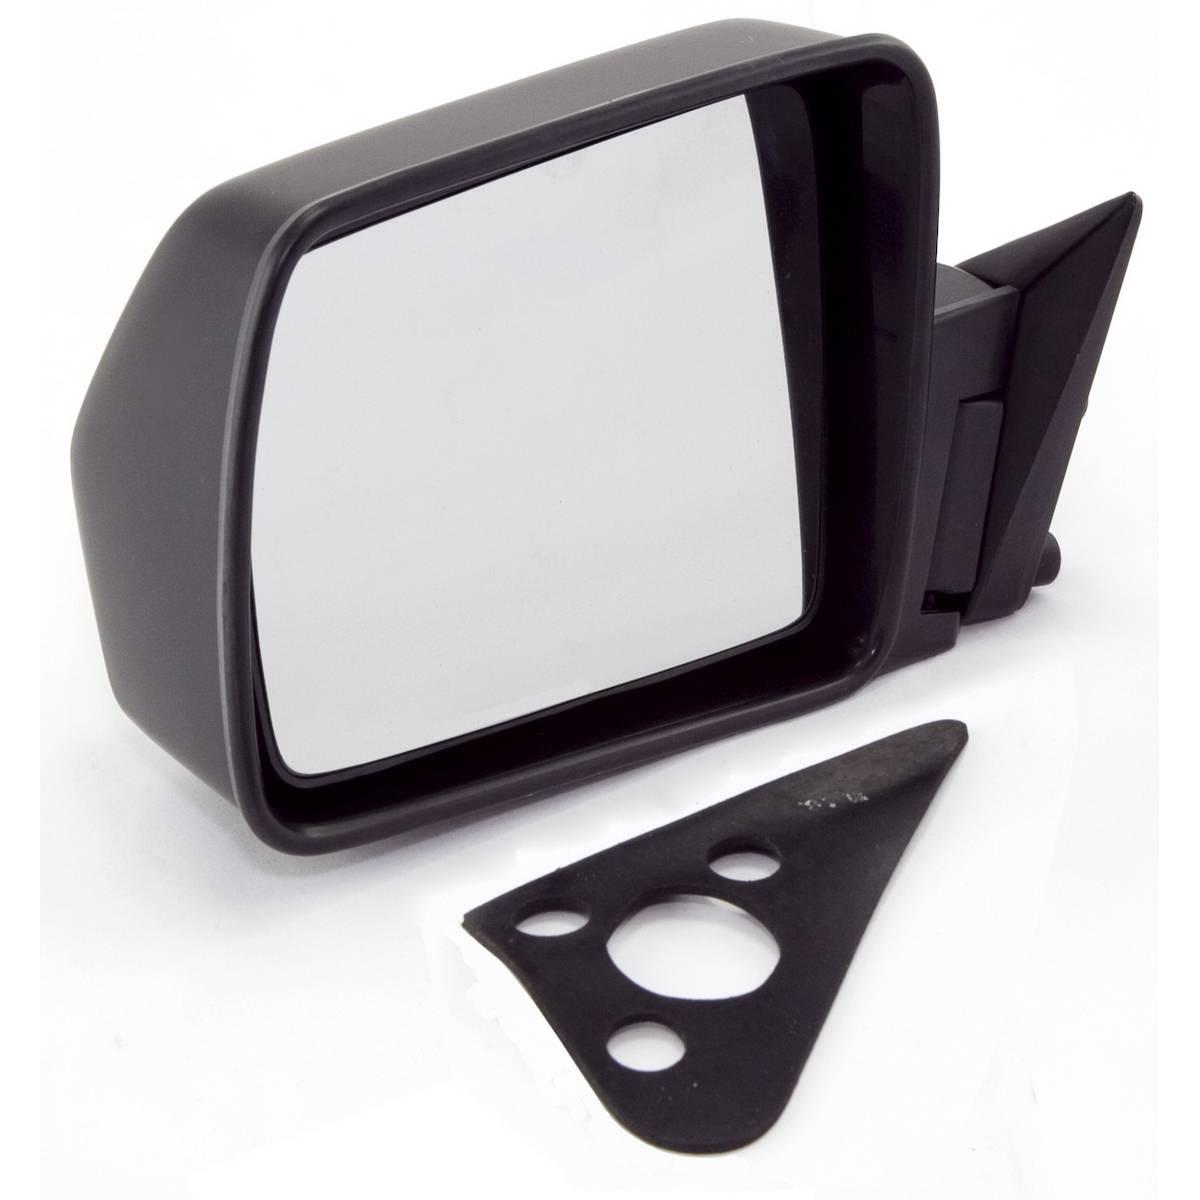 omix ada black manual left side mirror 84 96. Black Bedroom Furniture Sets. Home Design Ideas